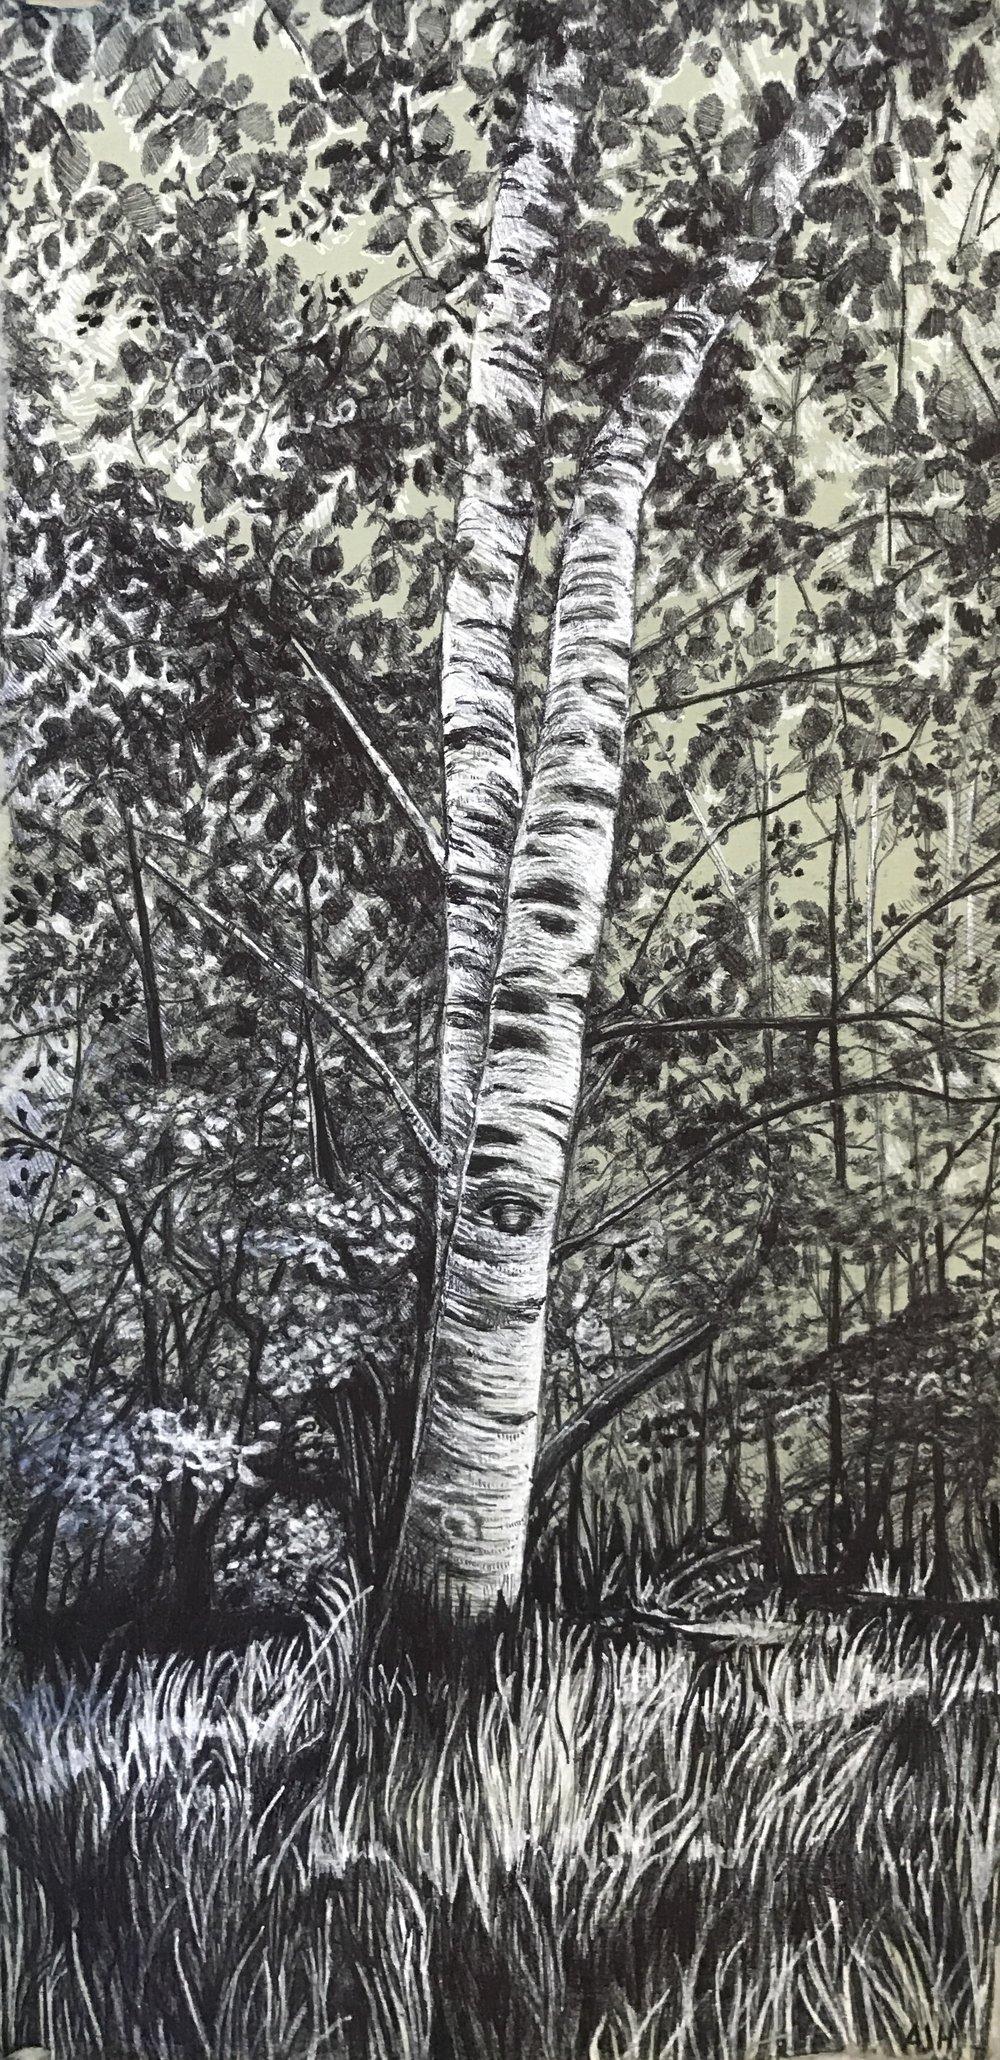 Birch, Treescape II